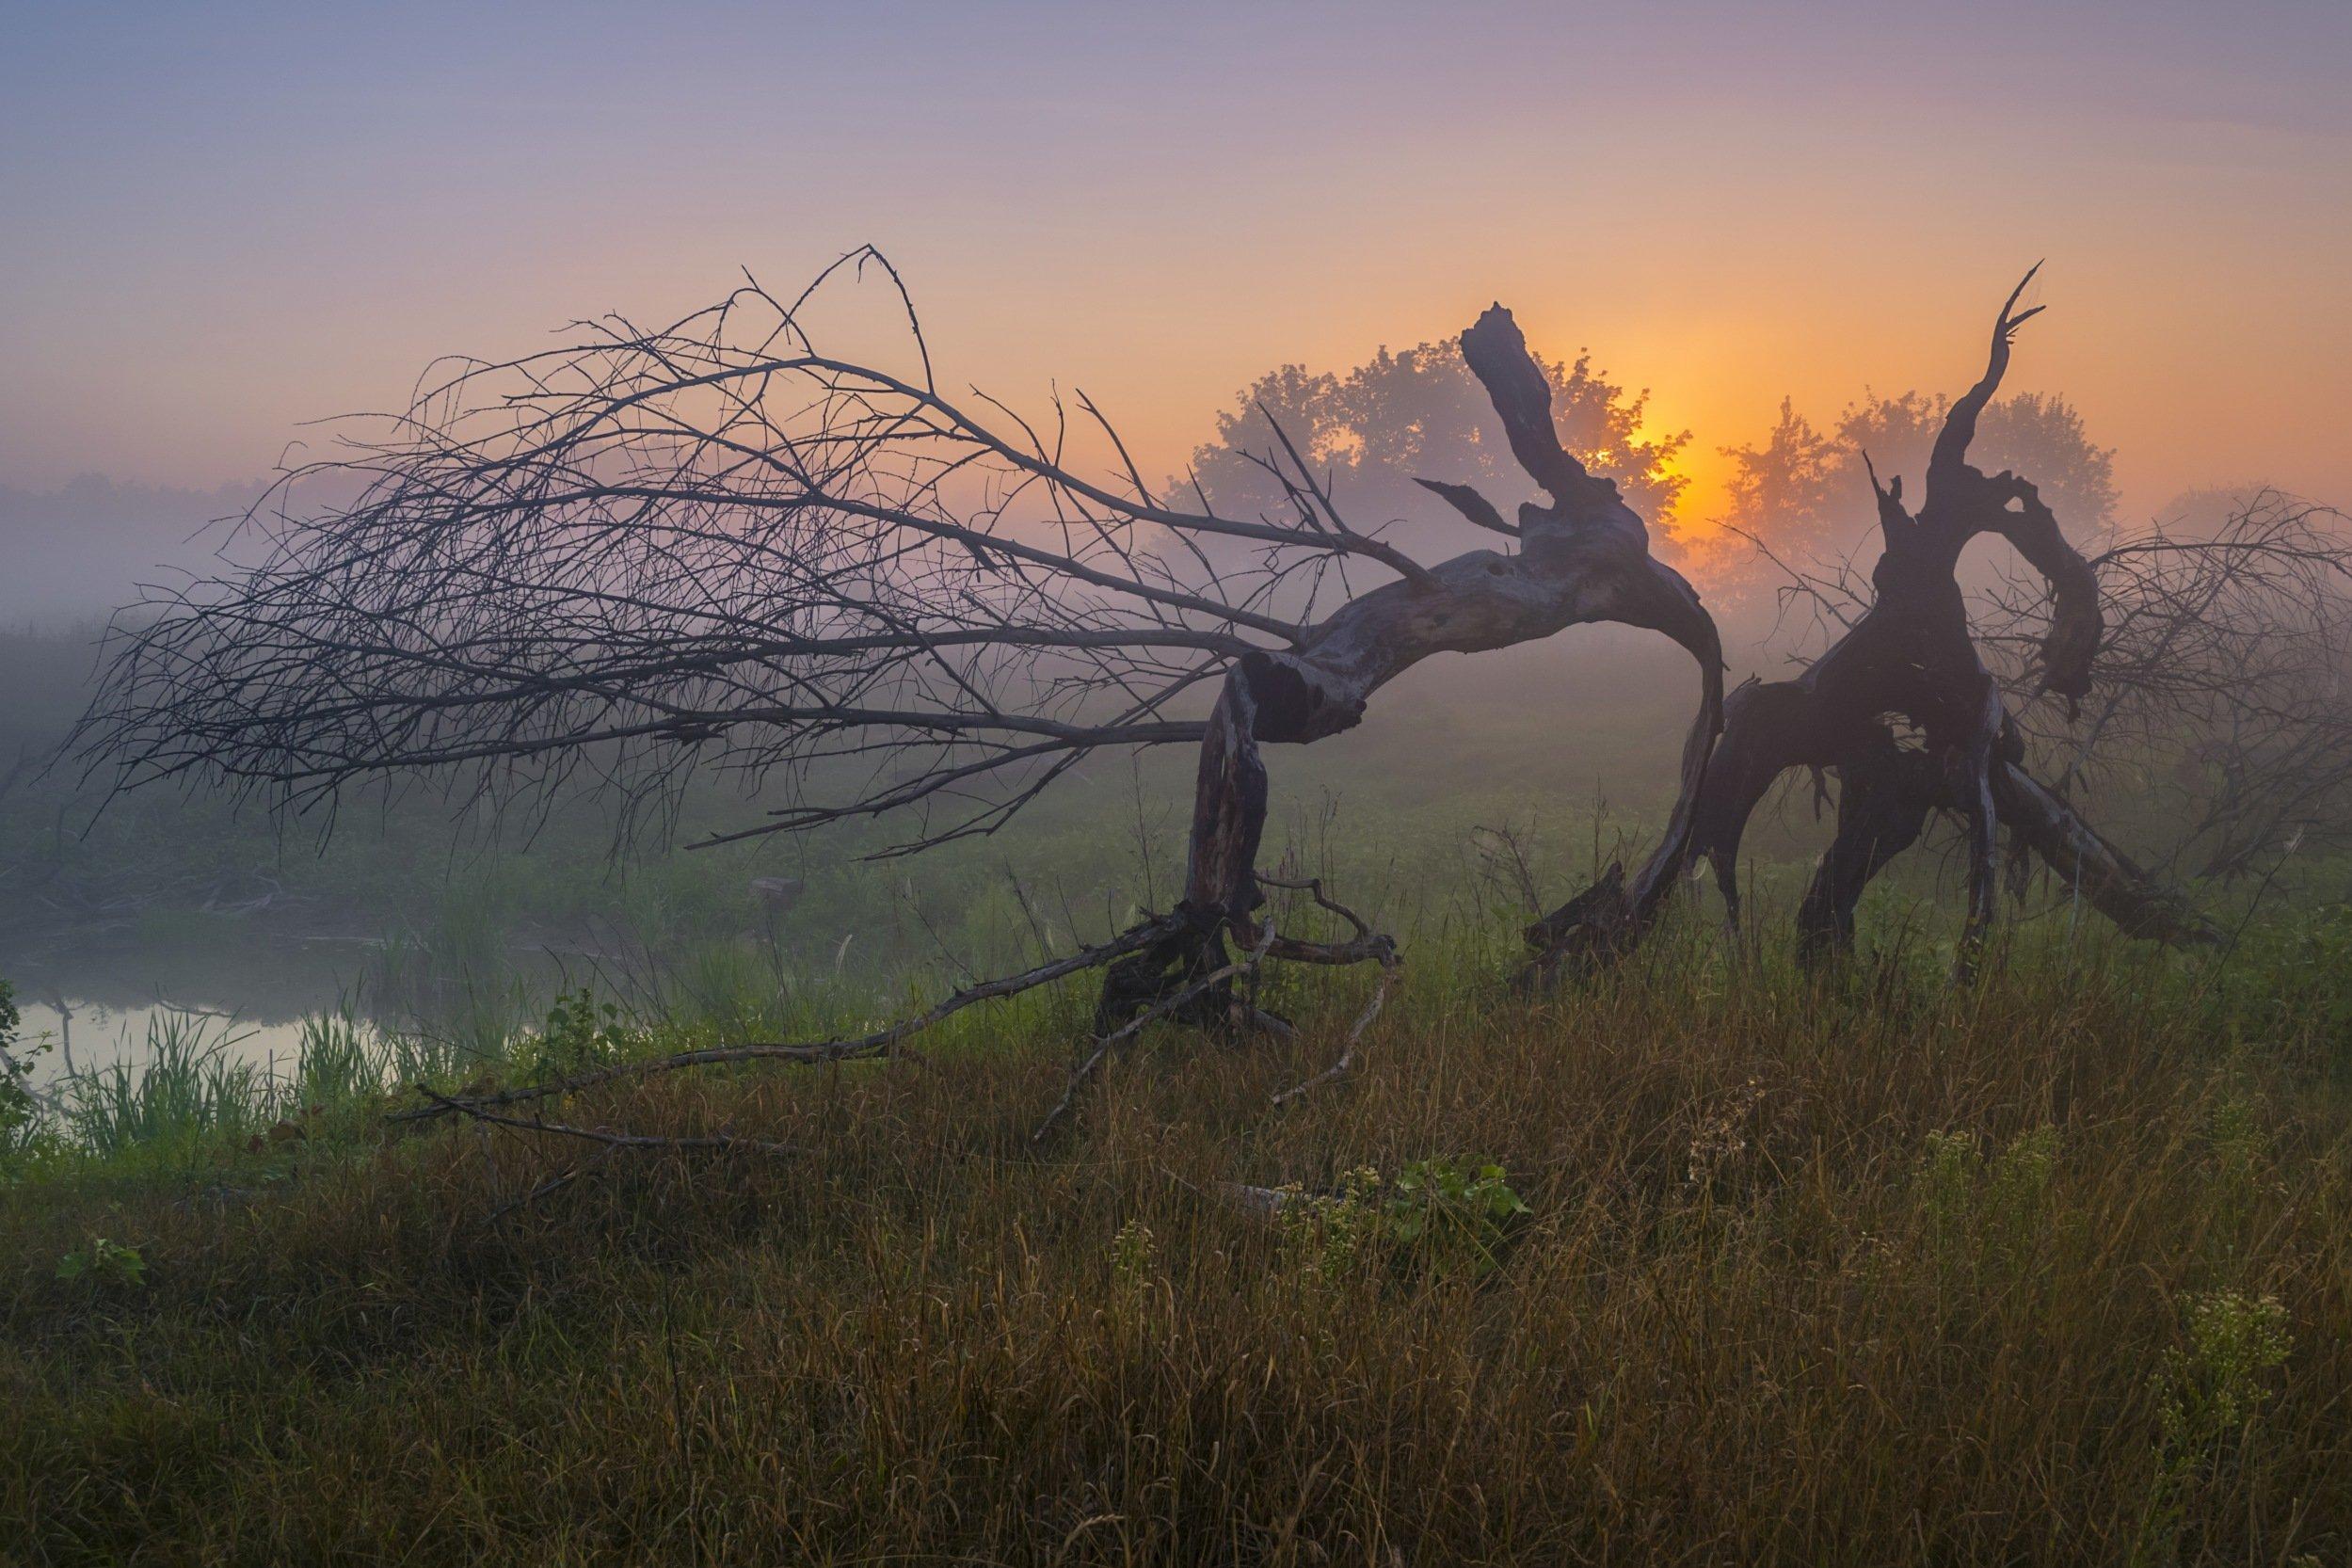 рассвет,пейзаж,туман,колорит,композиция,искусство,сергей корнев,украина,гадяч,фотография,фотограф,красота,пейзаж,природа, Корнев Сергей